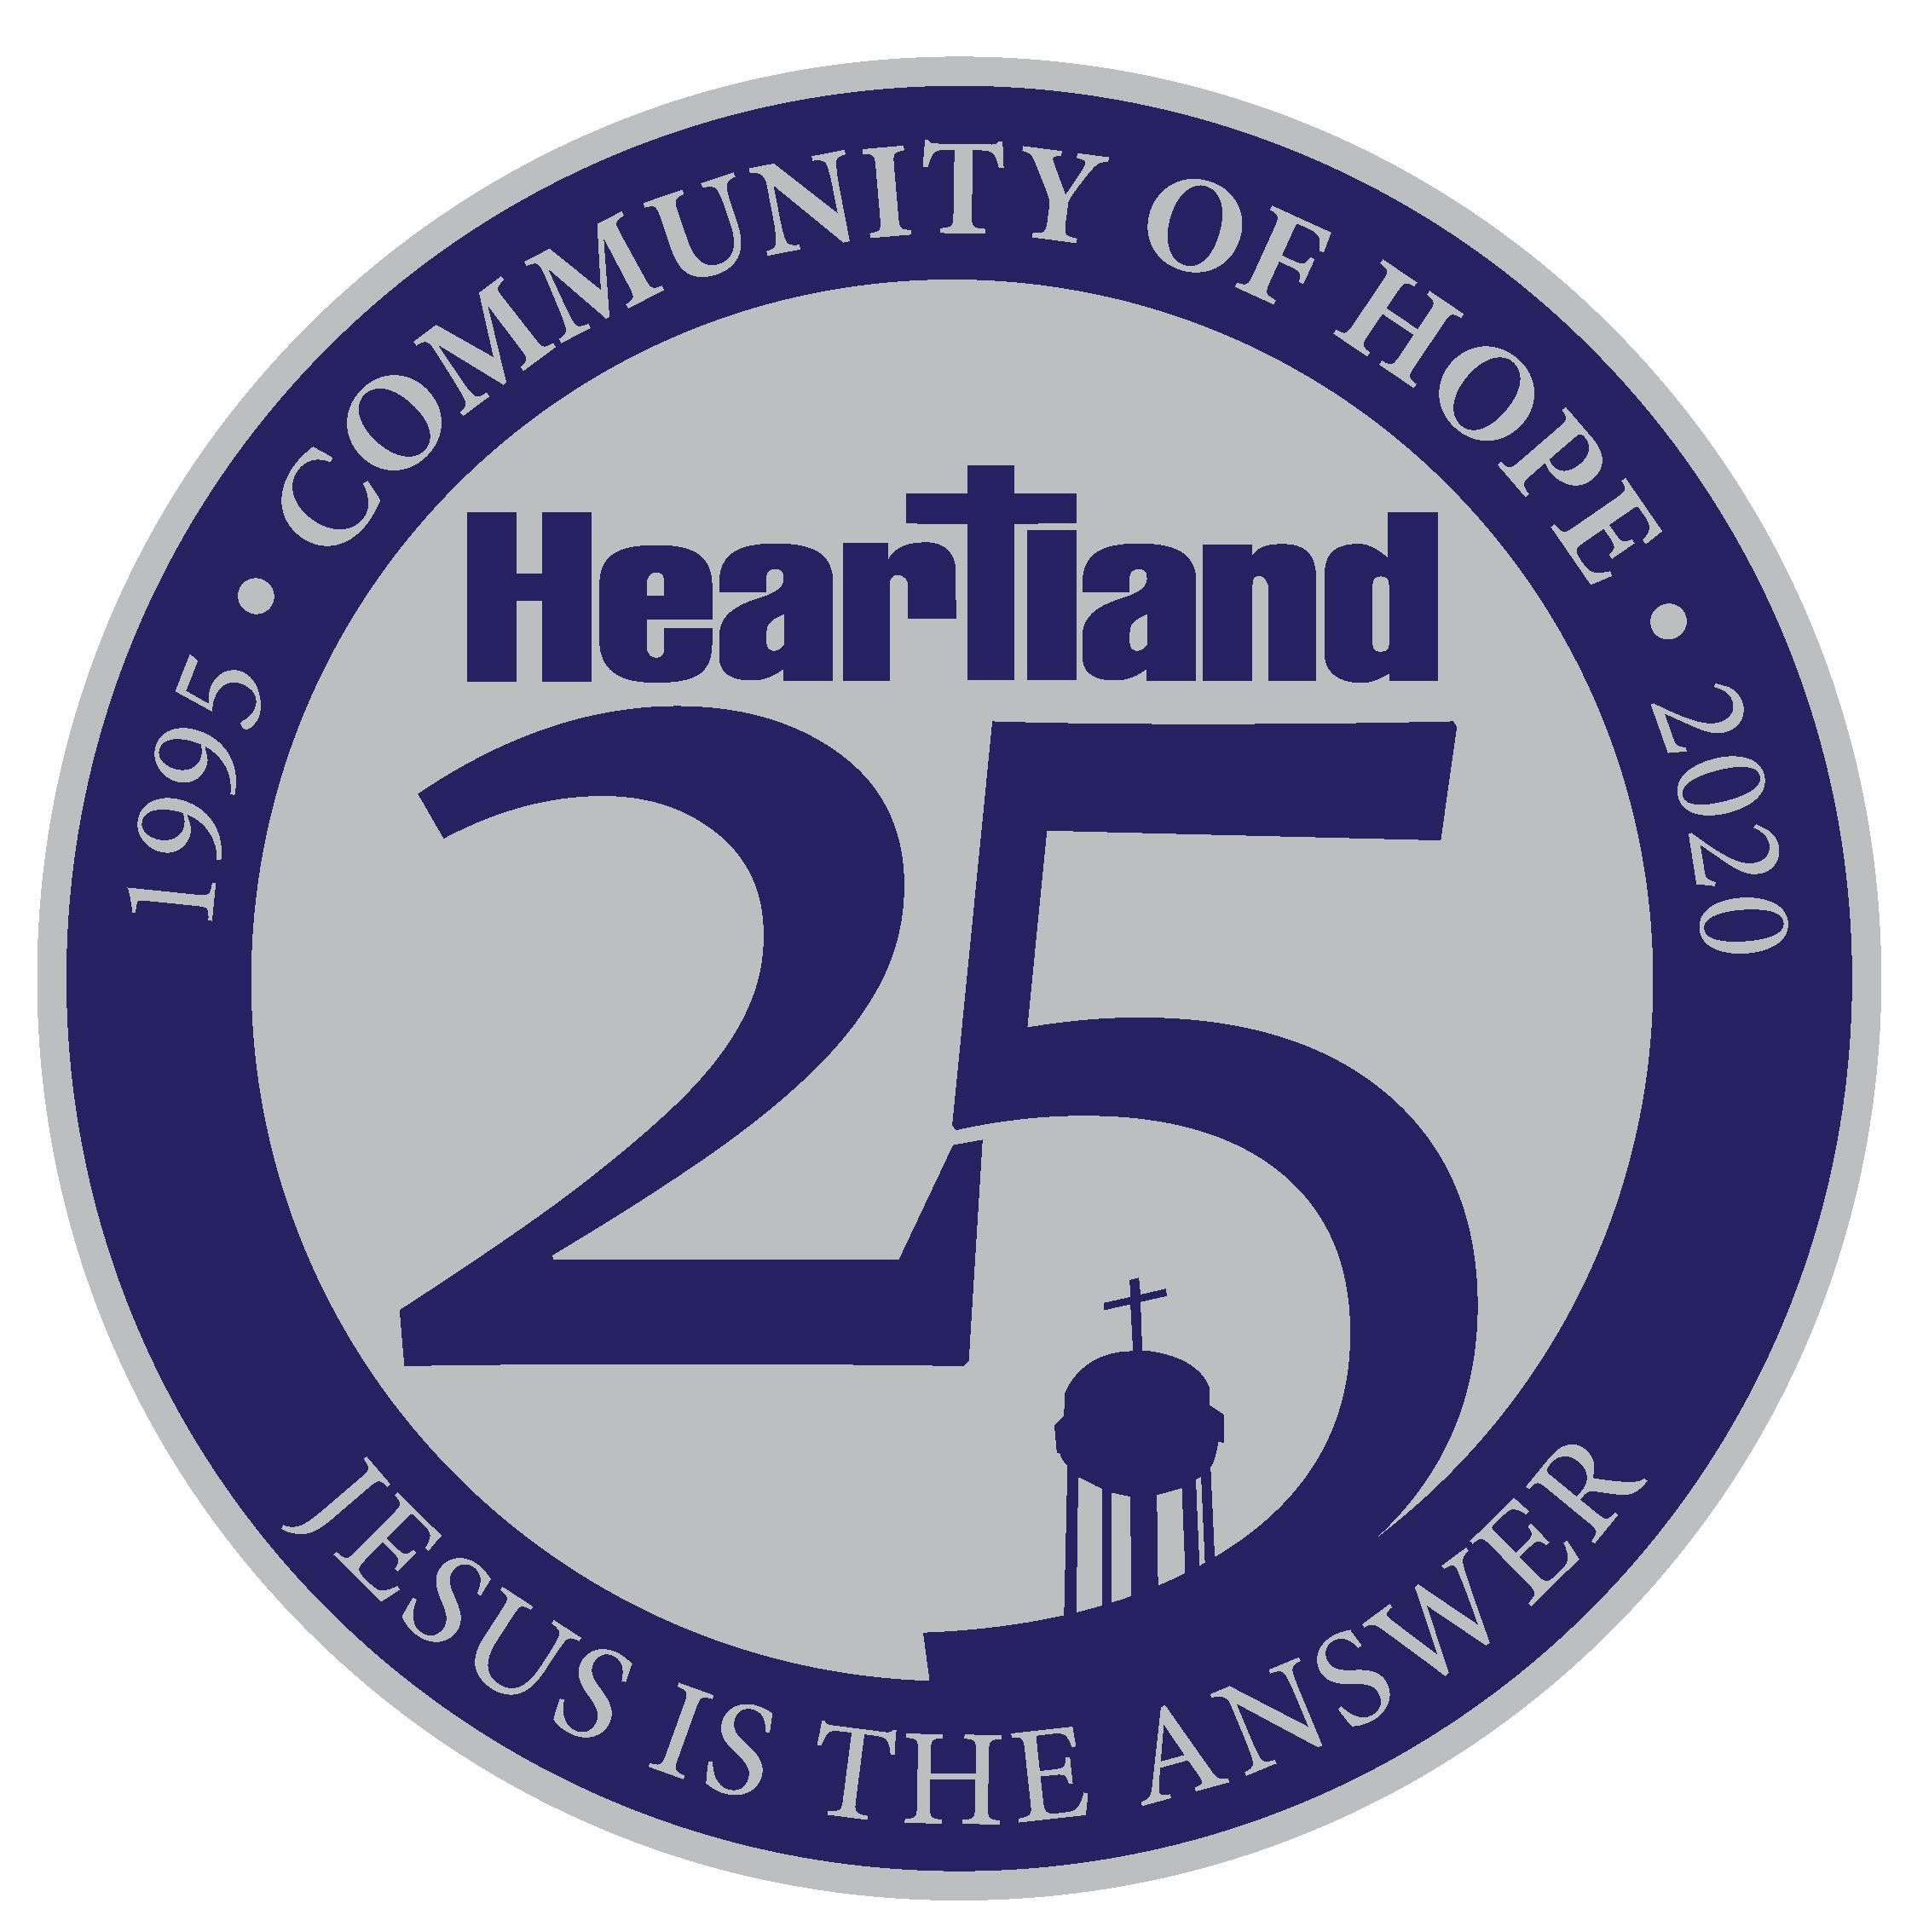 Heartland25